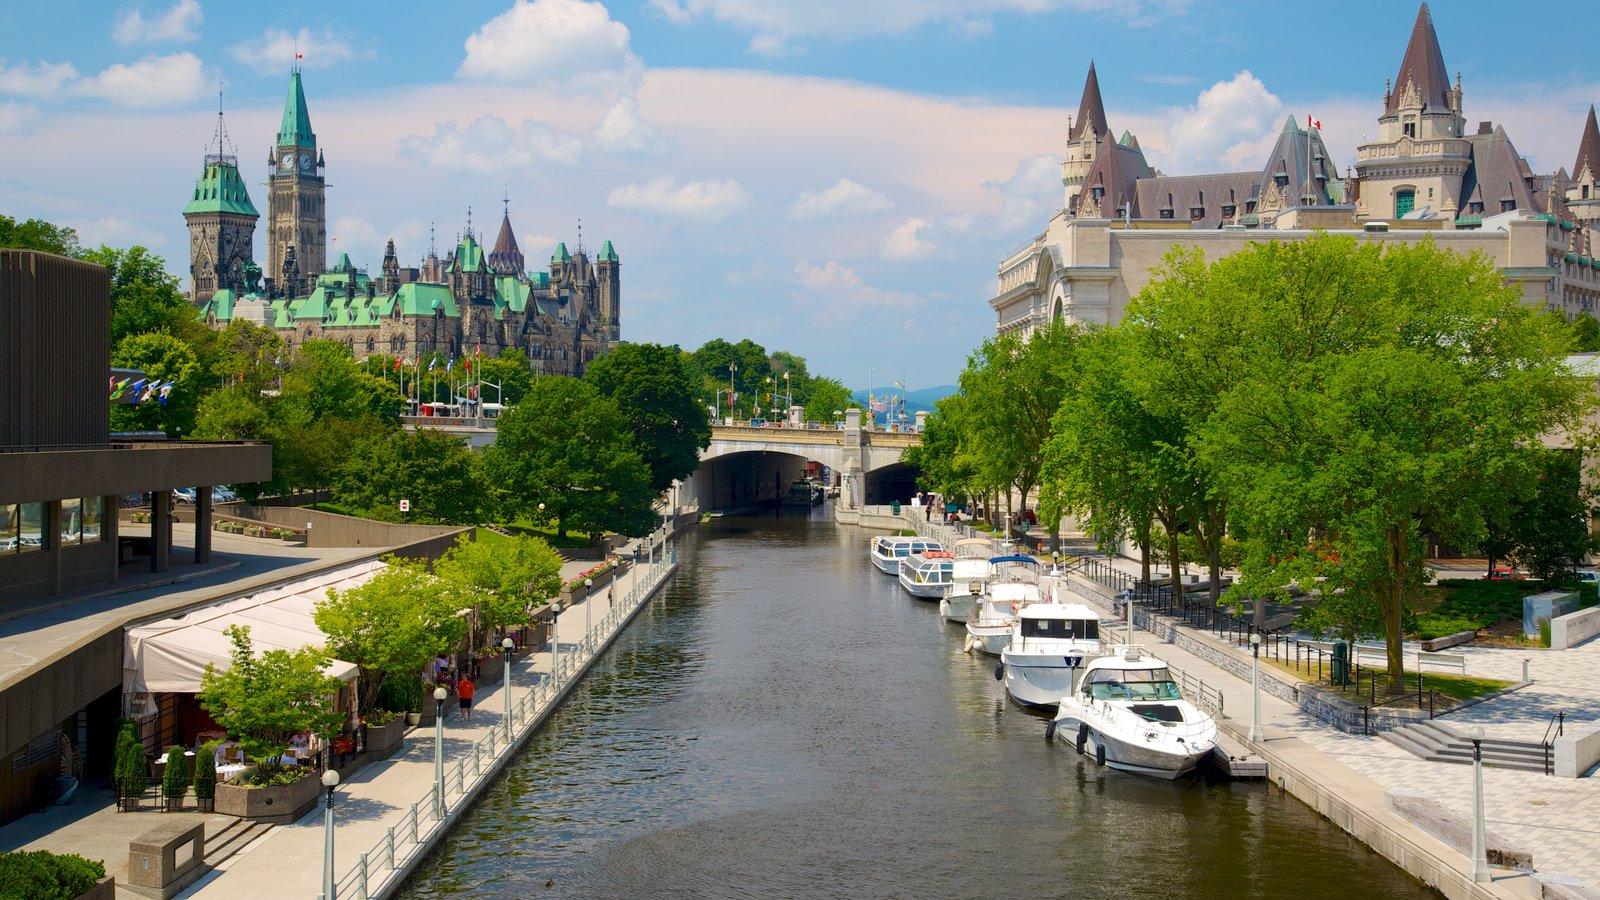 Rideau Canal mostrando un río o arroyo, una ciudad y paseos en lancha